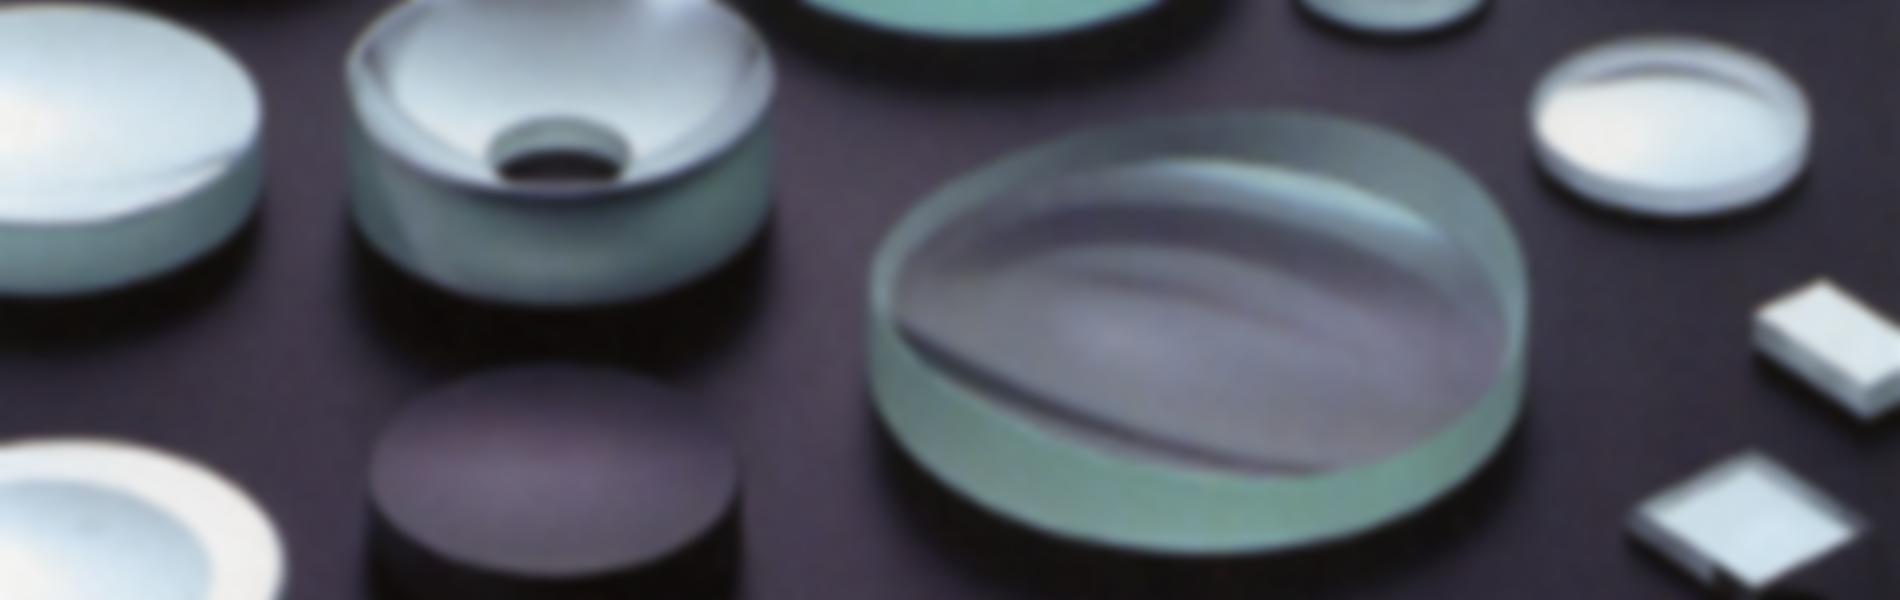 私たちは匠の技能と最先端技術の融合により「世界オンリーワンの先進的光学部品工場」を目指します